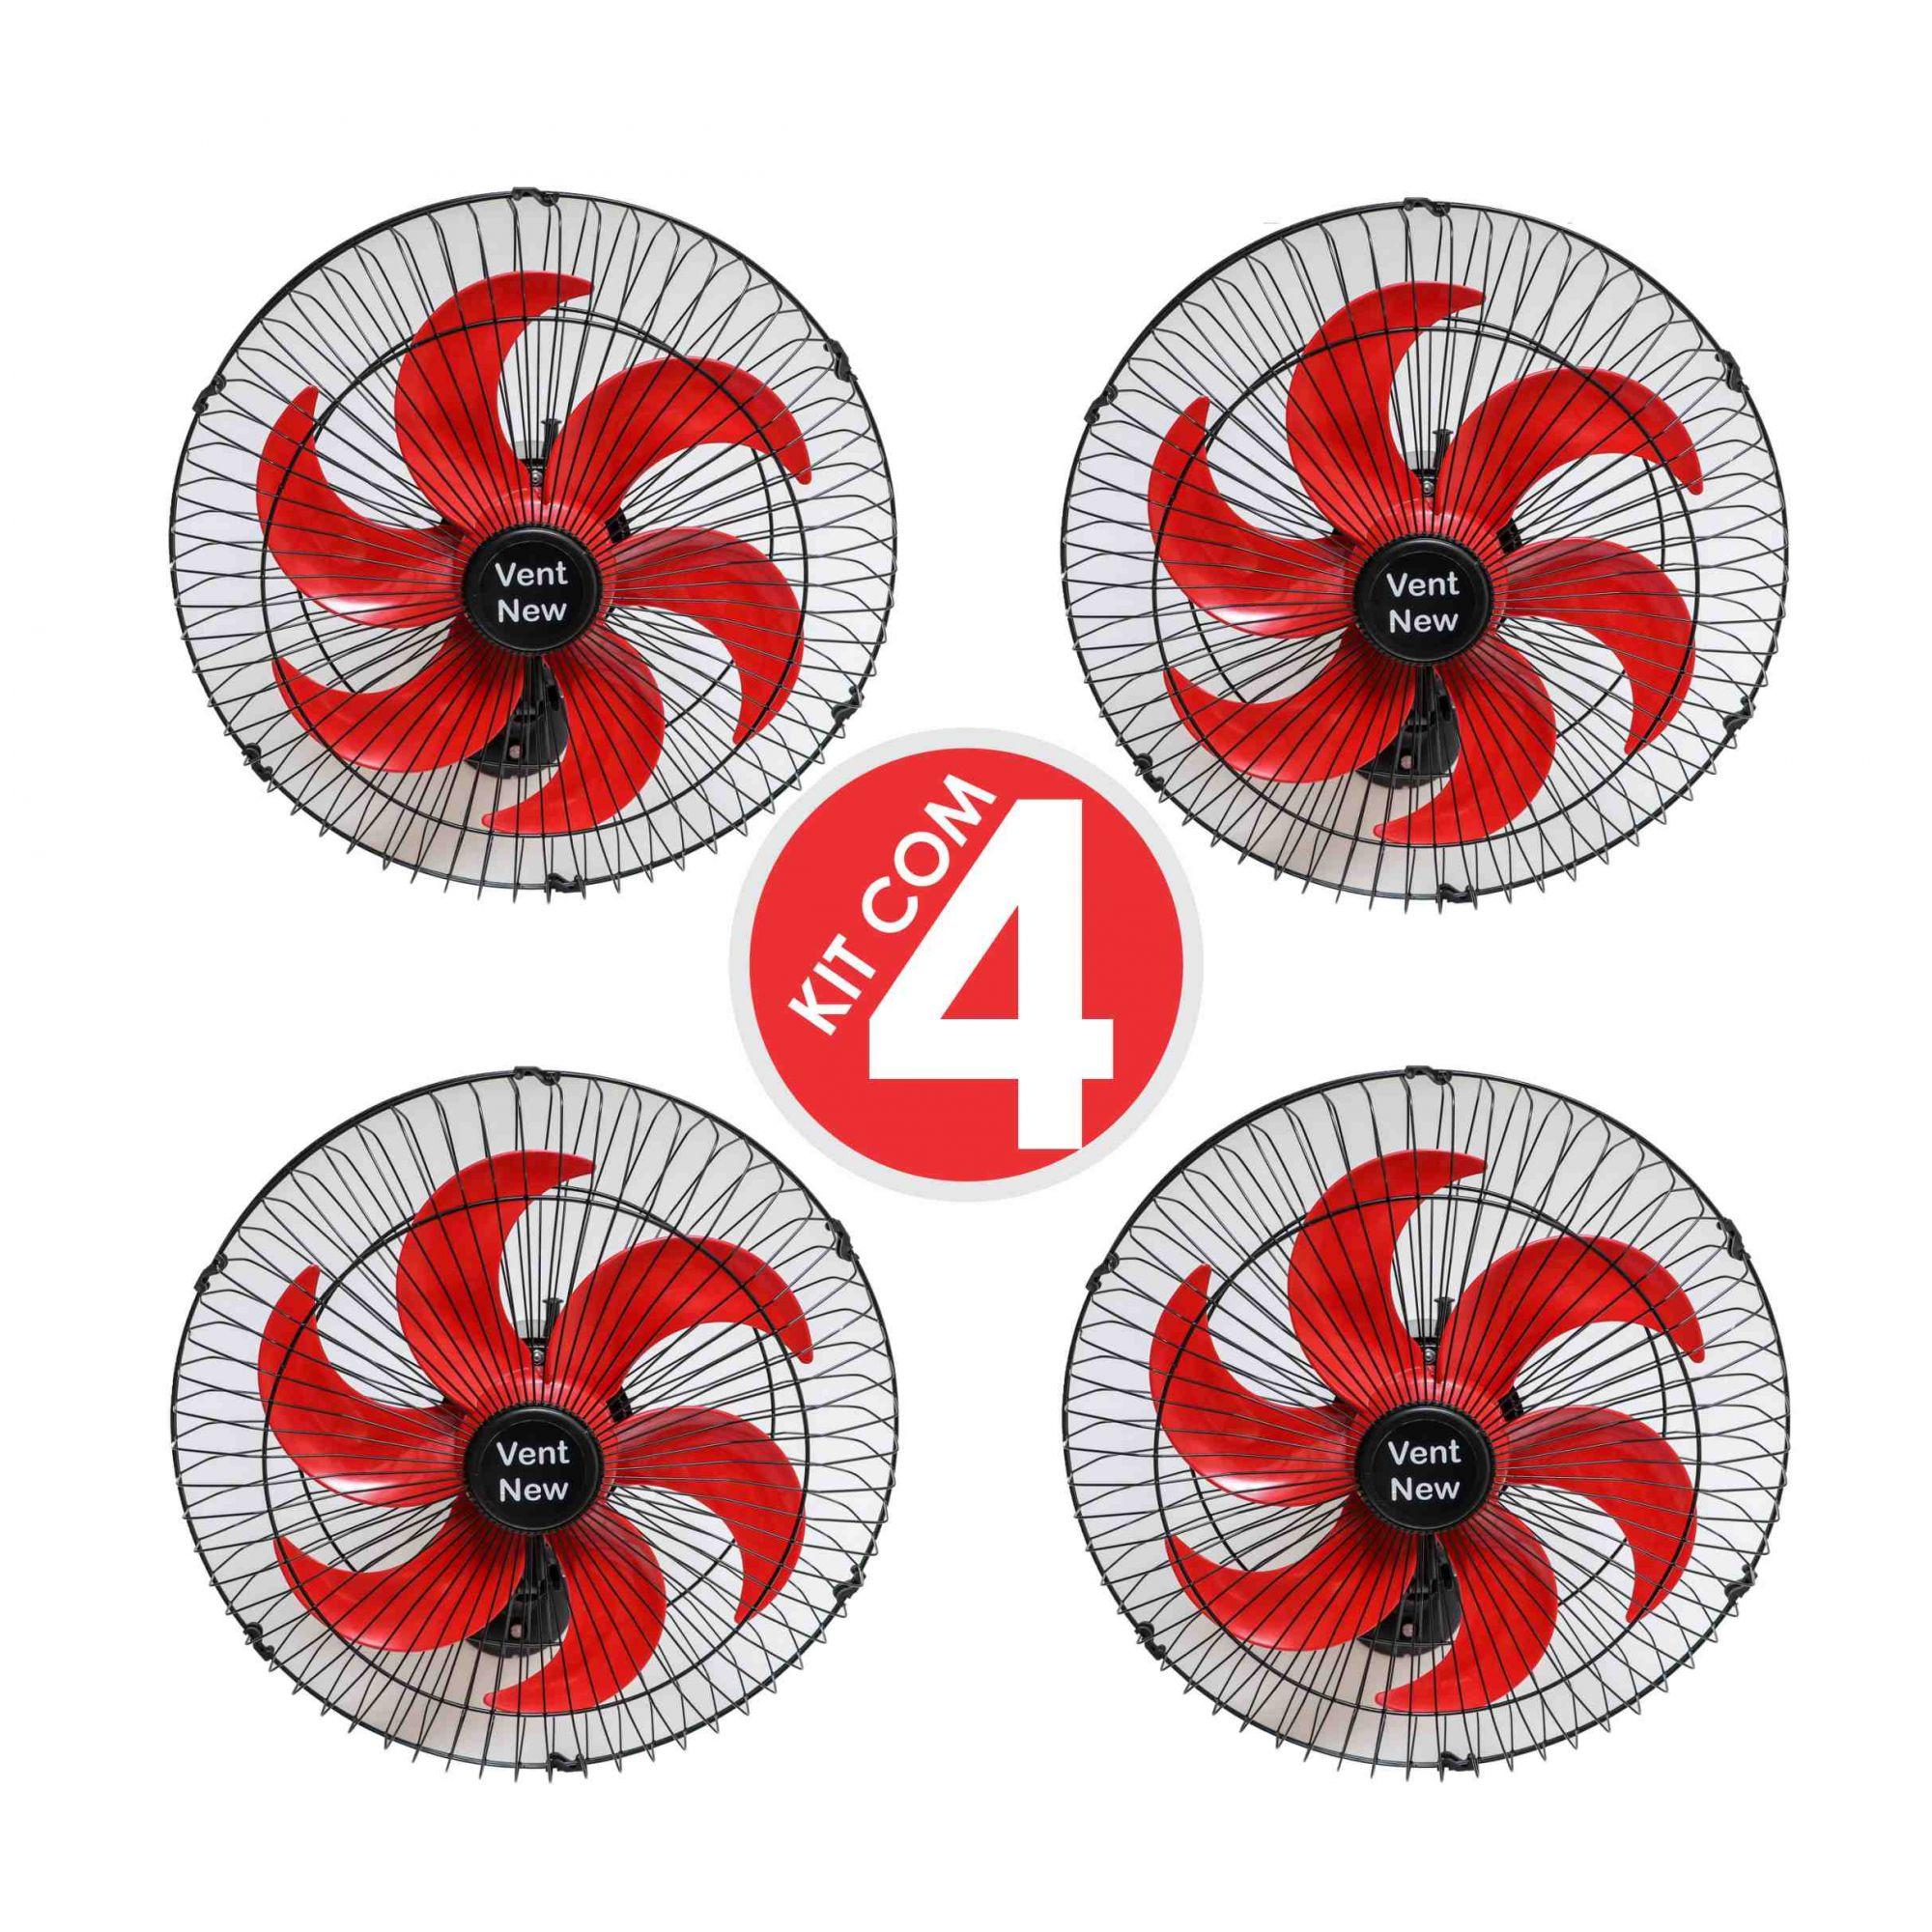 Kit 4 Ventiladores Parede Oscilante 50 Cm Preto / Vermelho Bivolt Grade Aço